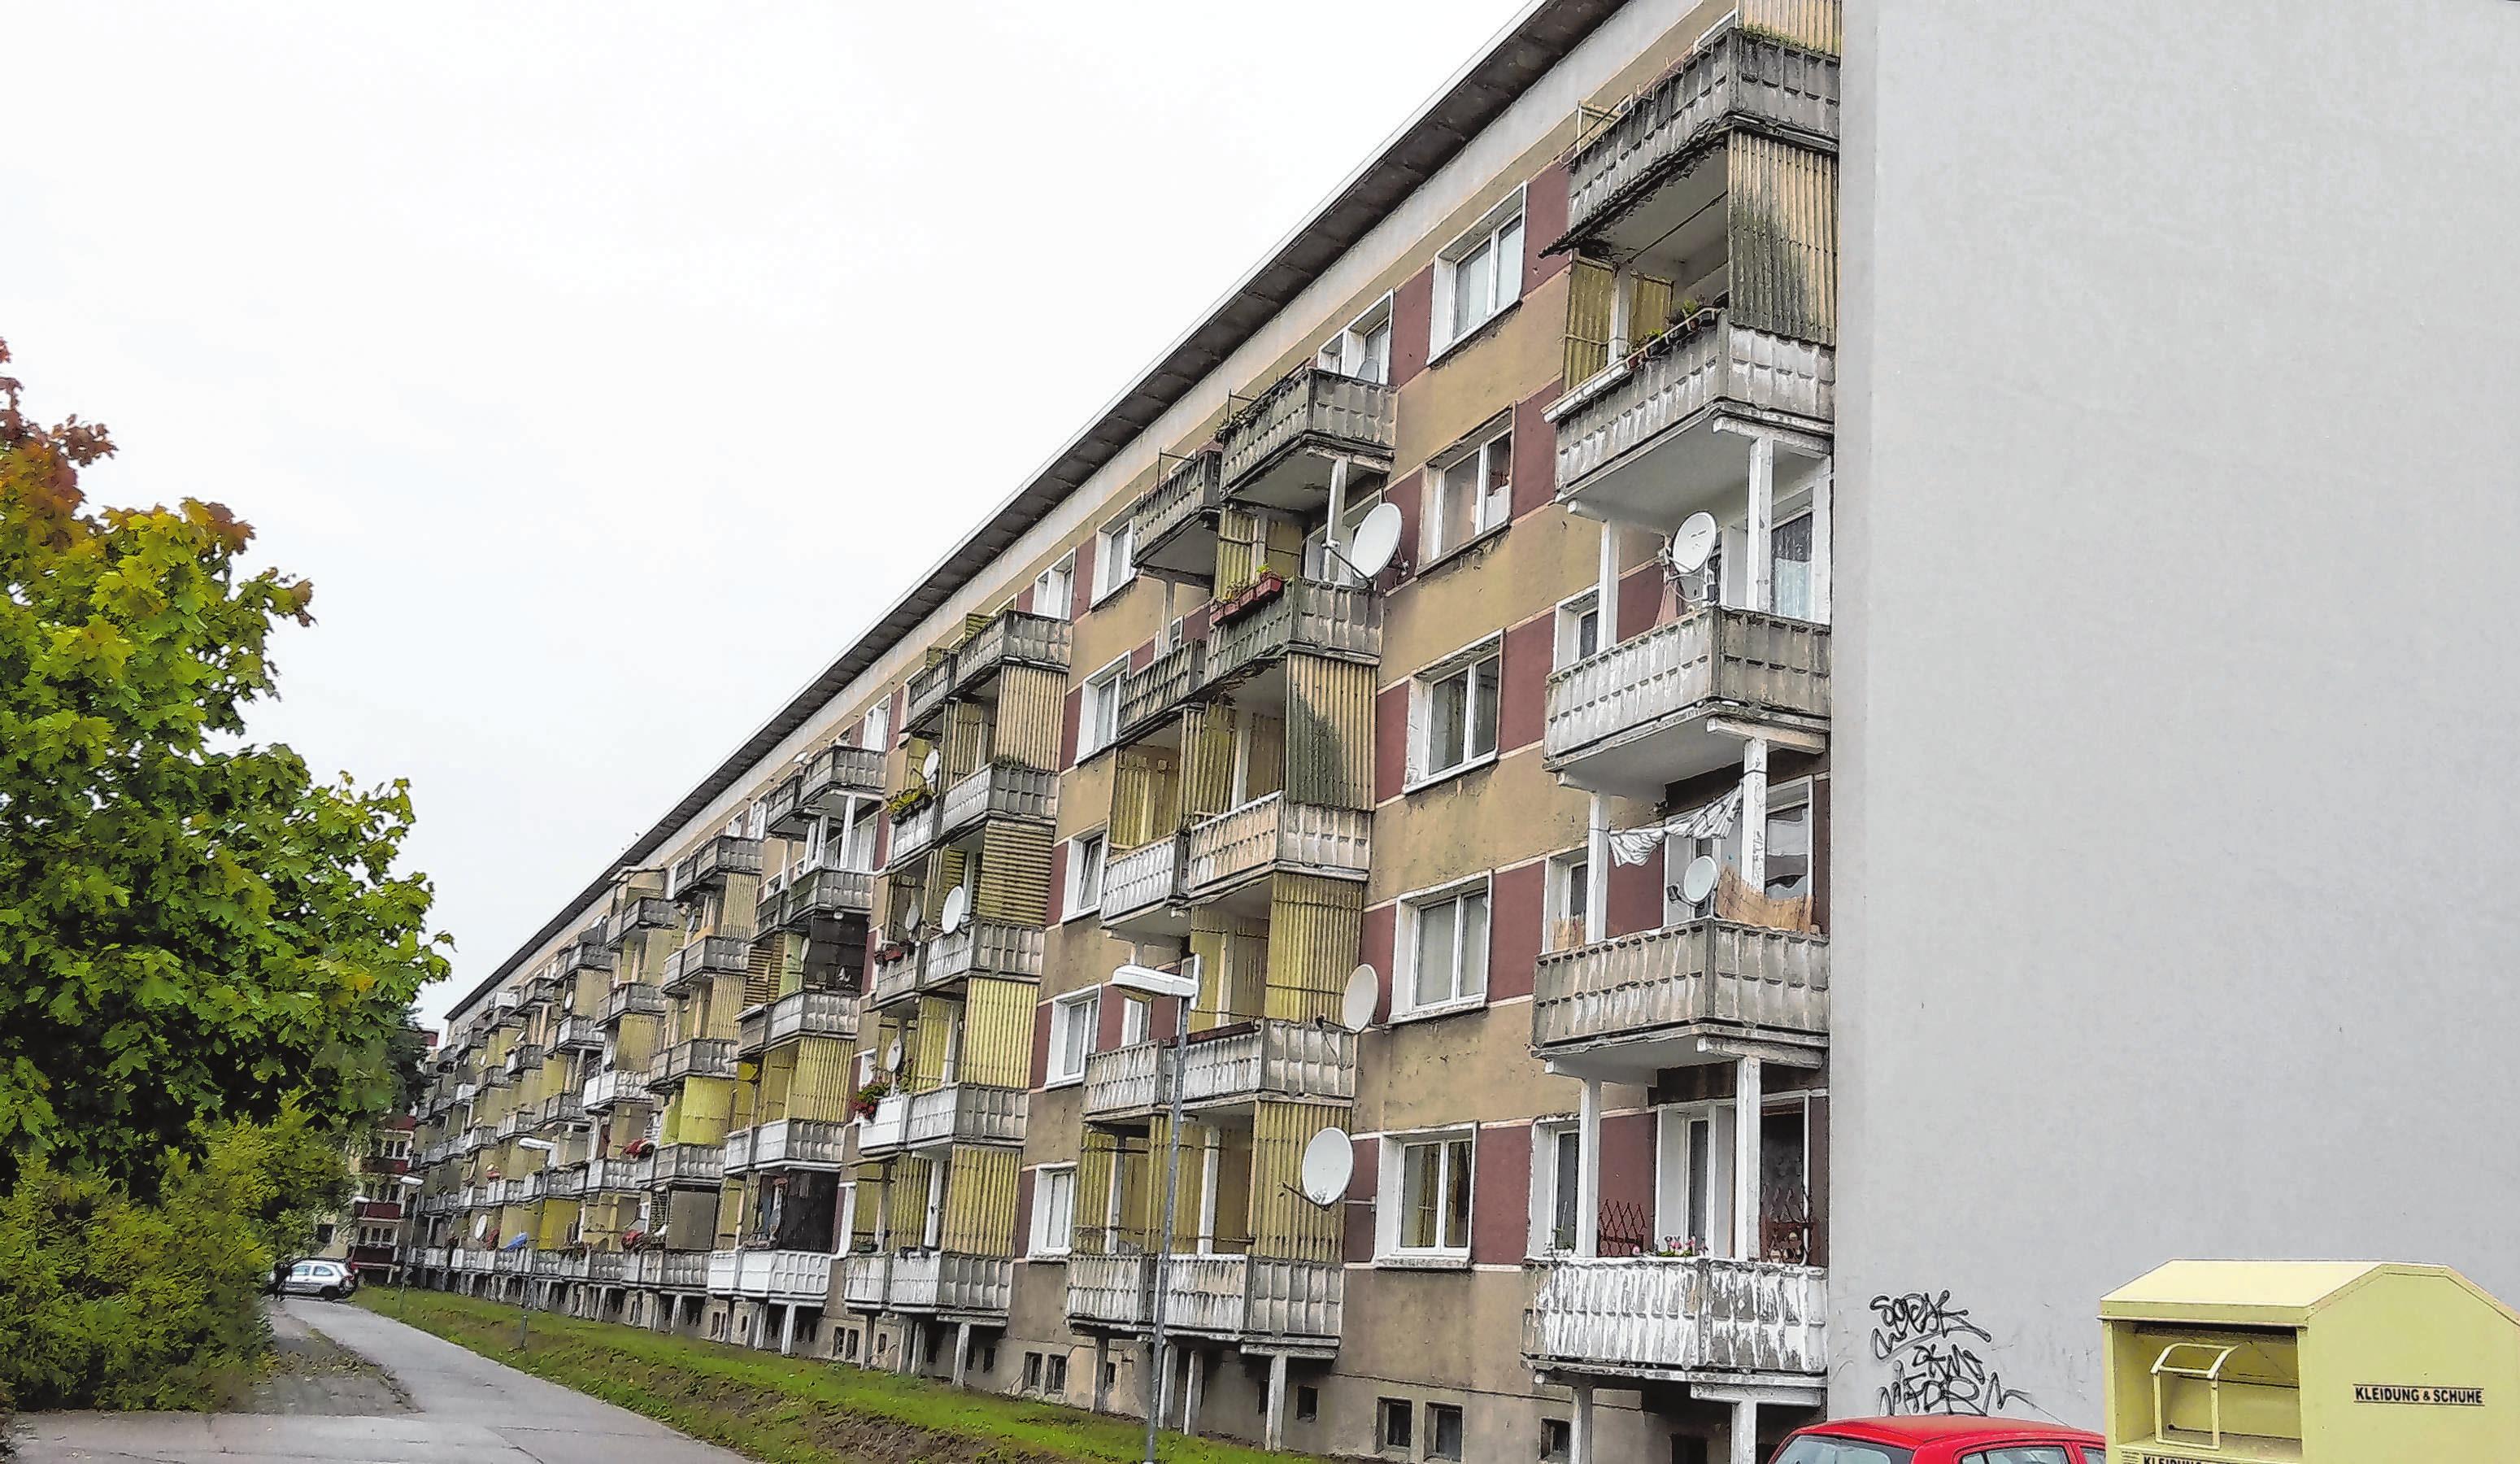 Grau und in die Jahre gekommen: Umfangreiche Bauarbeiten schaffen in dem Wohnblock nun ein angenehmes Lebensgefühl. Fotos (2): IBK Ingenieurbüro Kelling